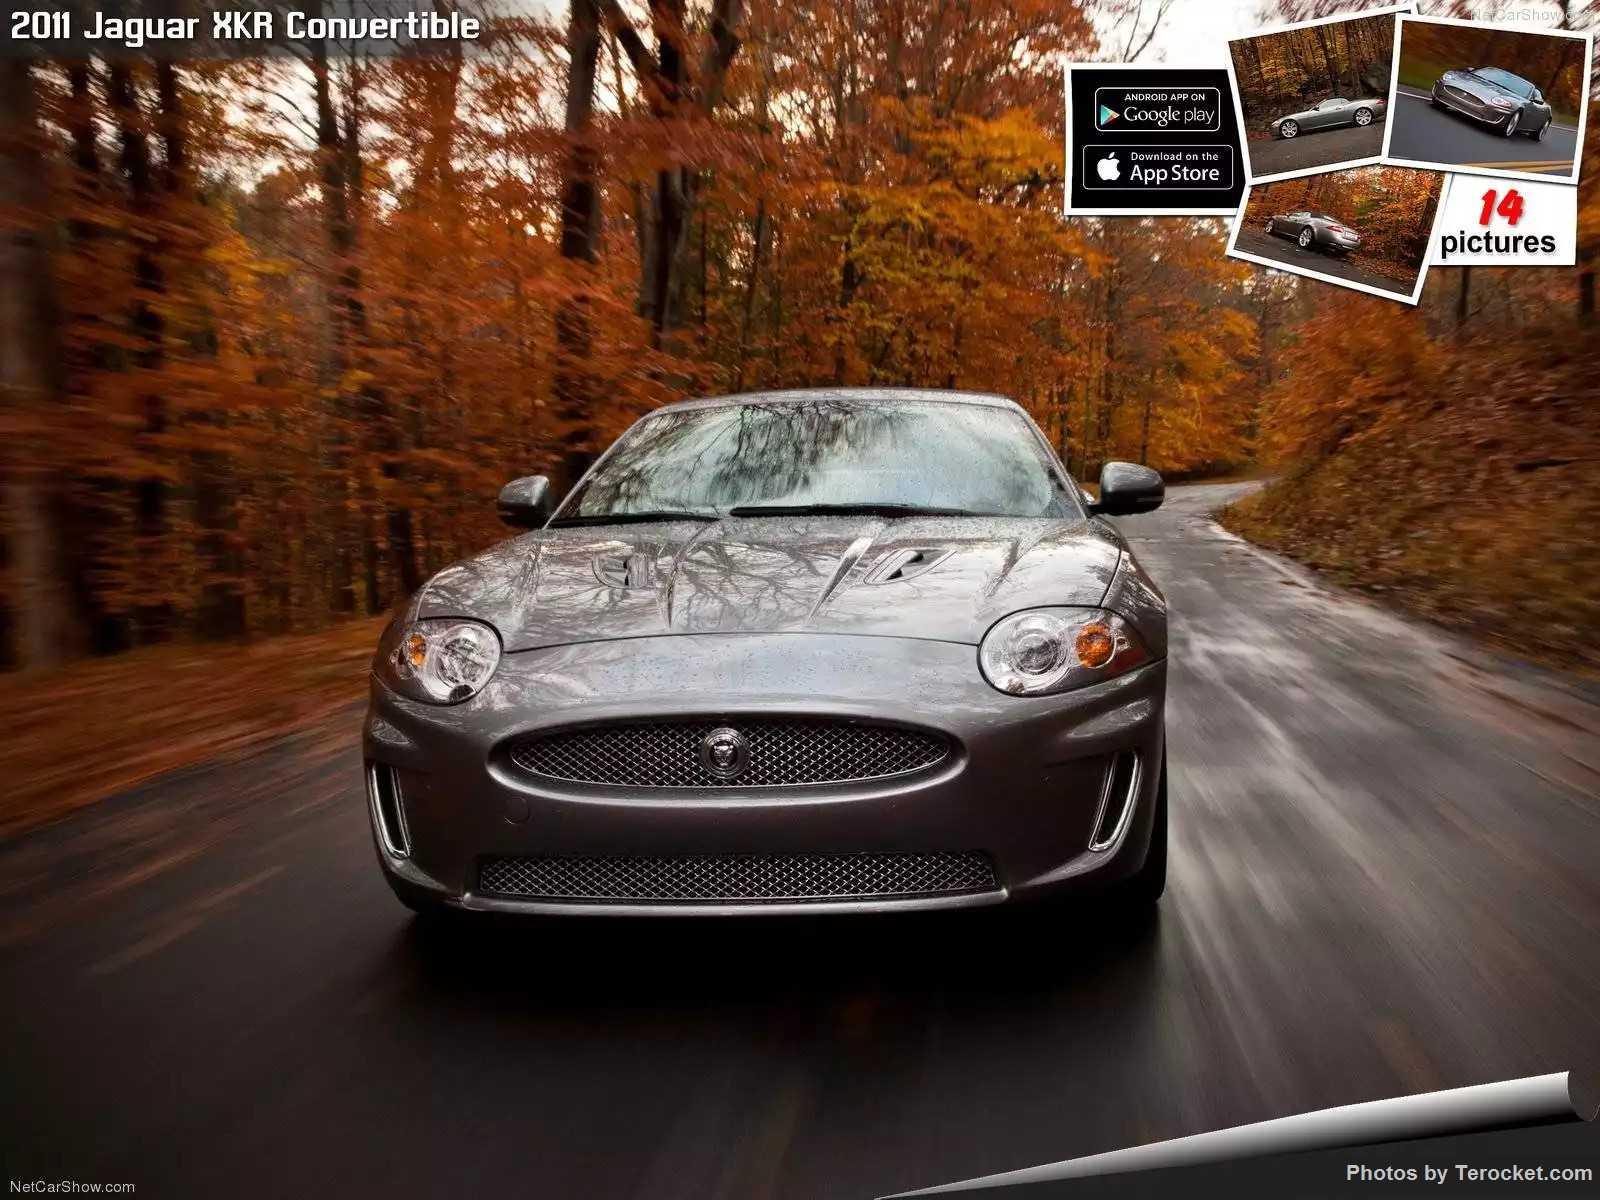 Hình ảnh xe ô tô Jaguar XKR Convertible 2011 & nội ngoại thất